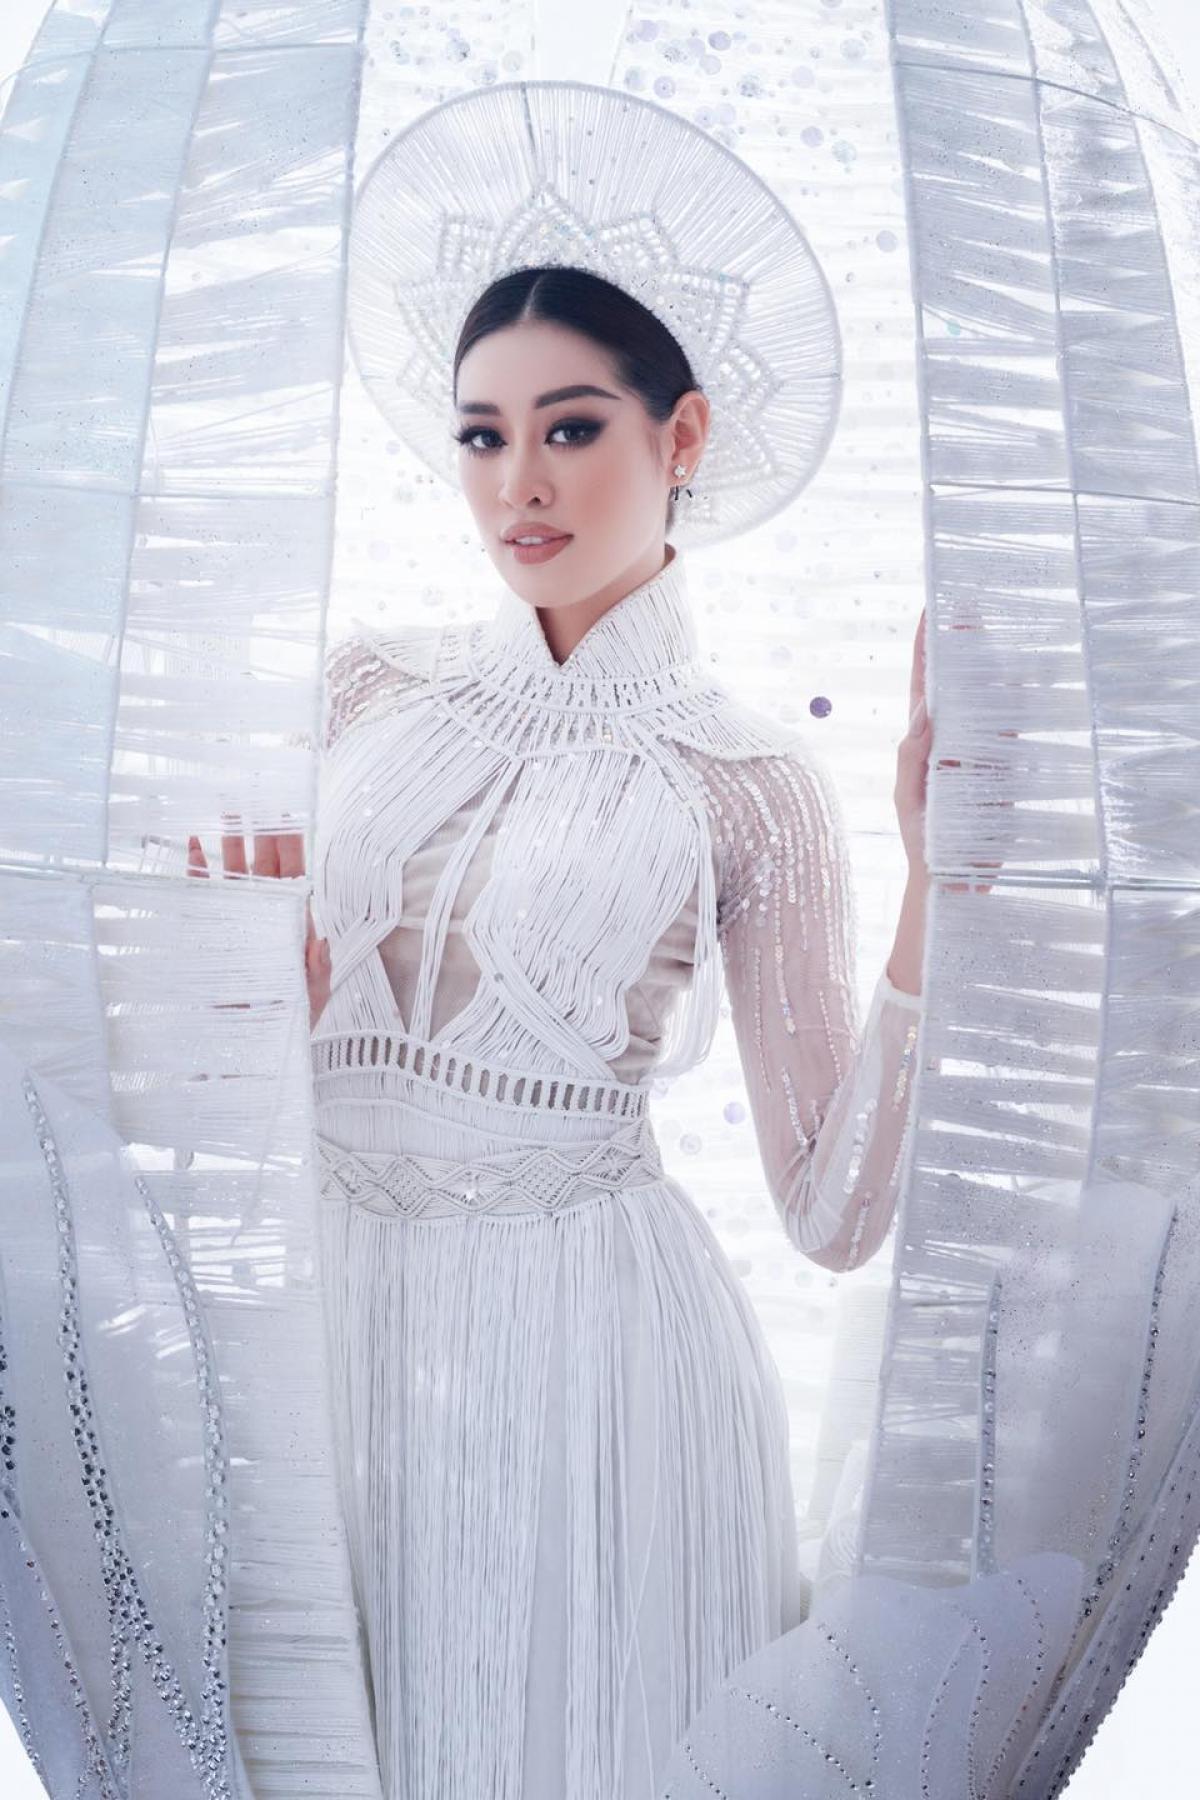 Hoa hậu Khánh Vân lọt Top 20 Miss Grand Slam 2020 - Ảnh 1.